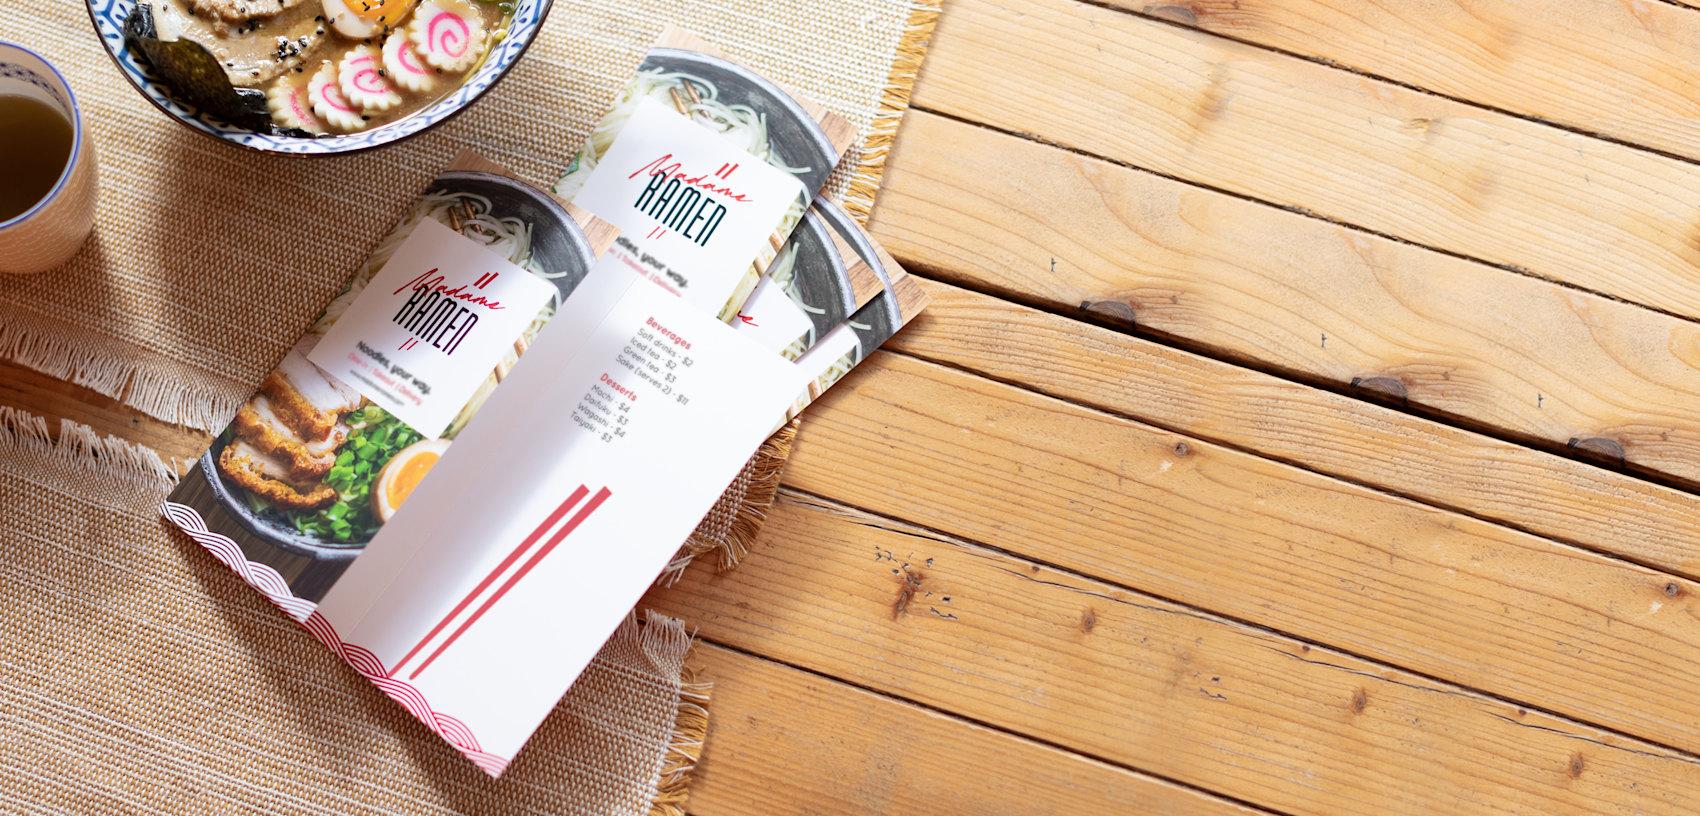 ramen takeout menu